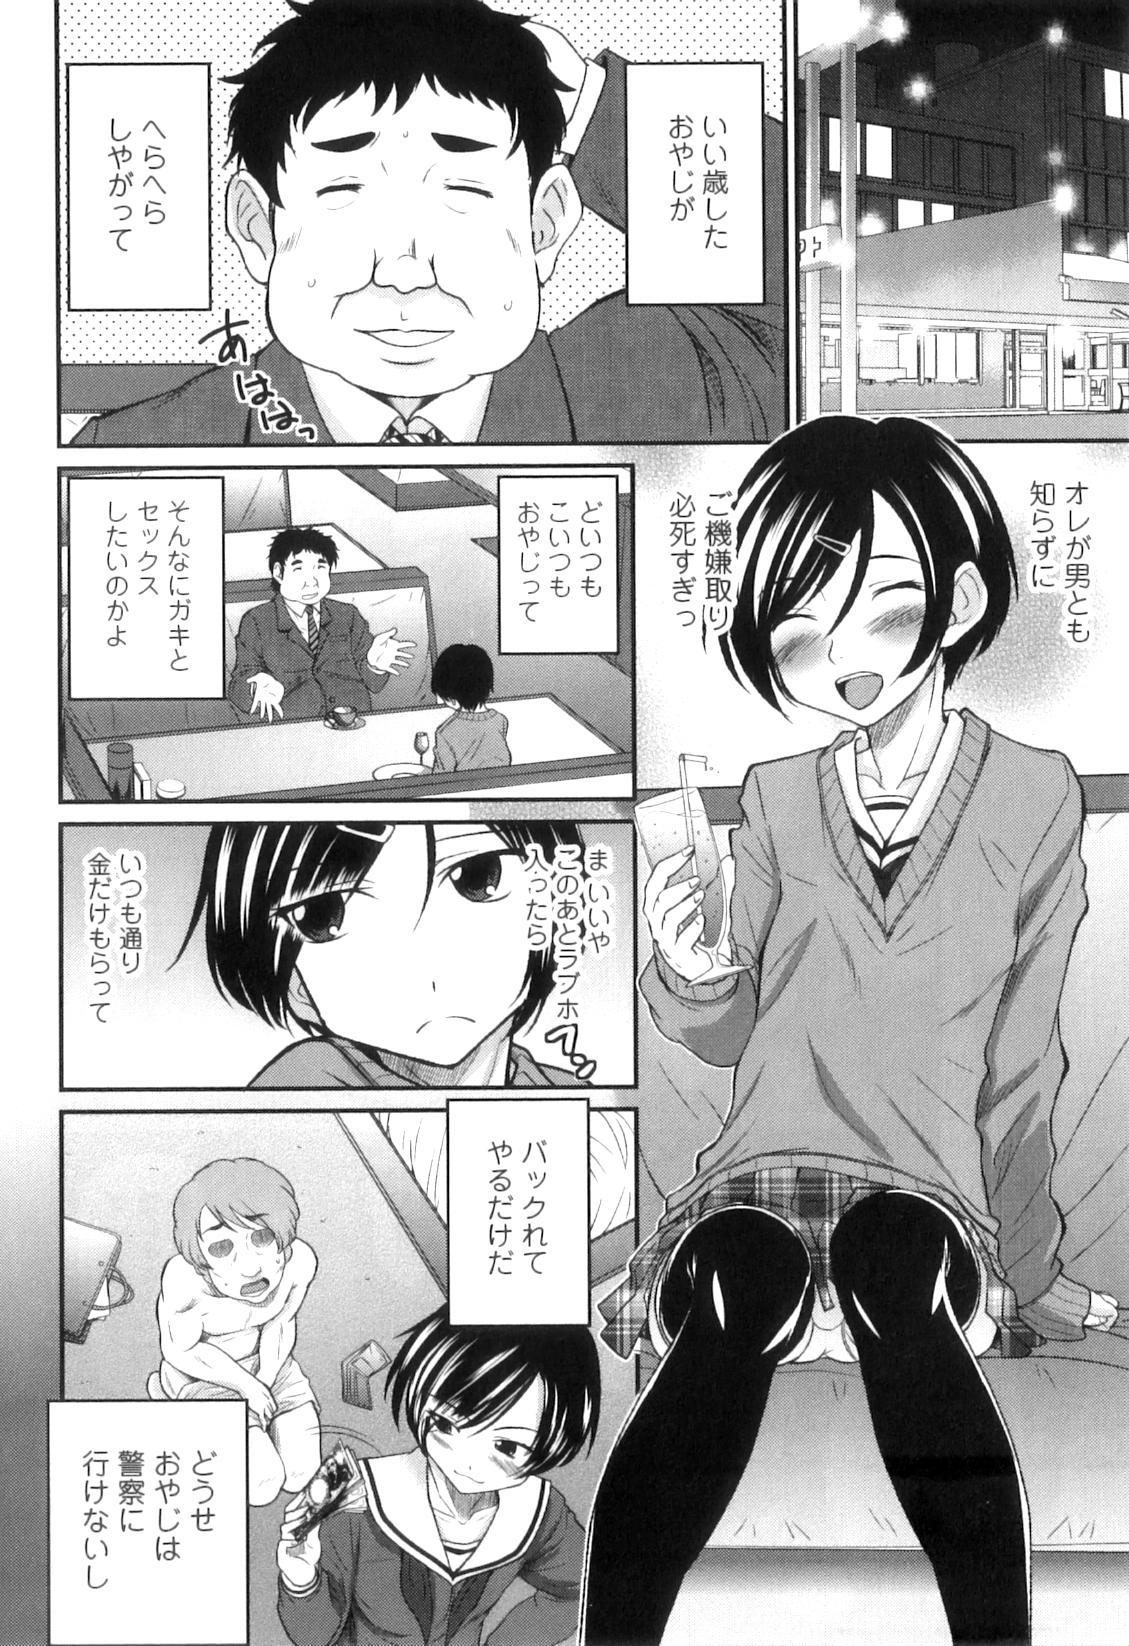 Otokonoko wa Ore no Yome 134